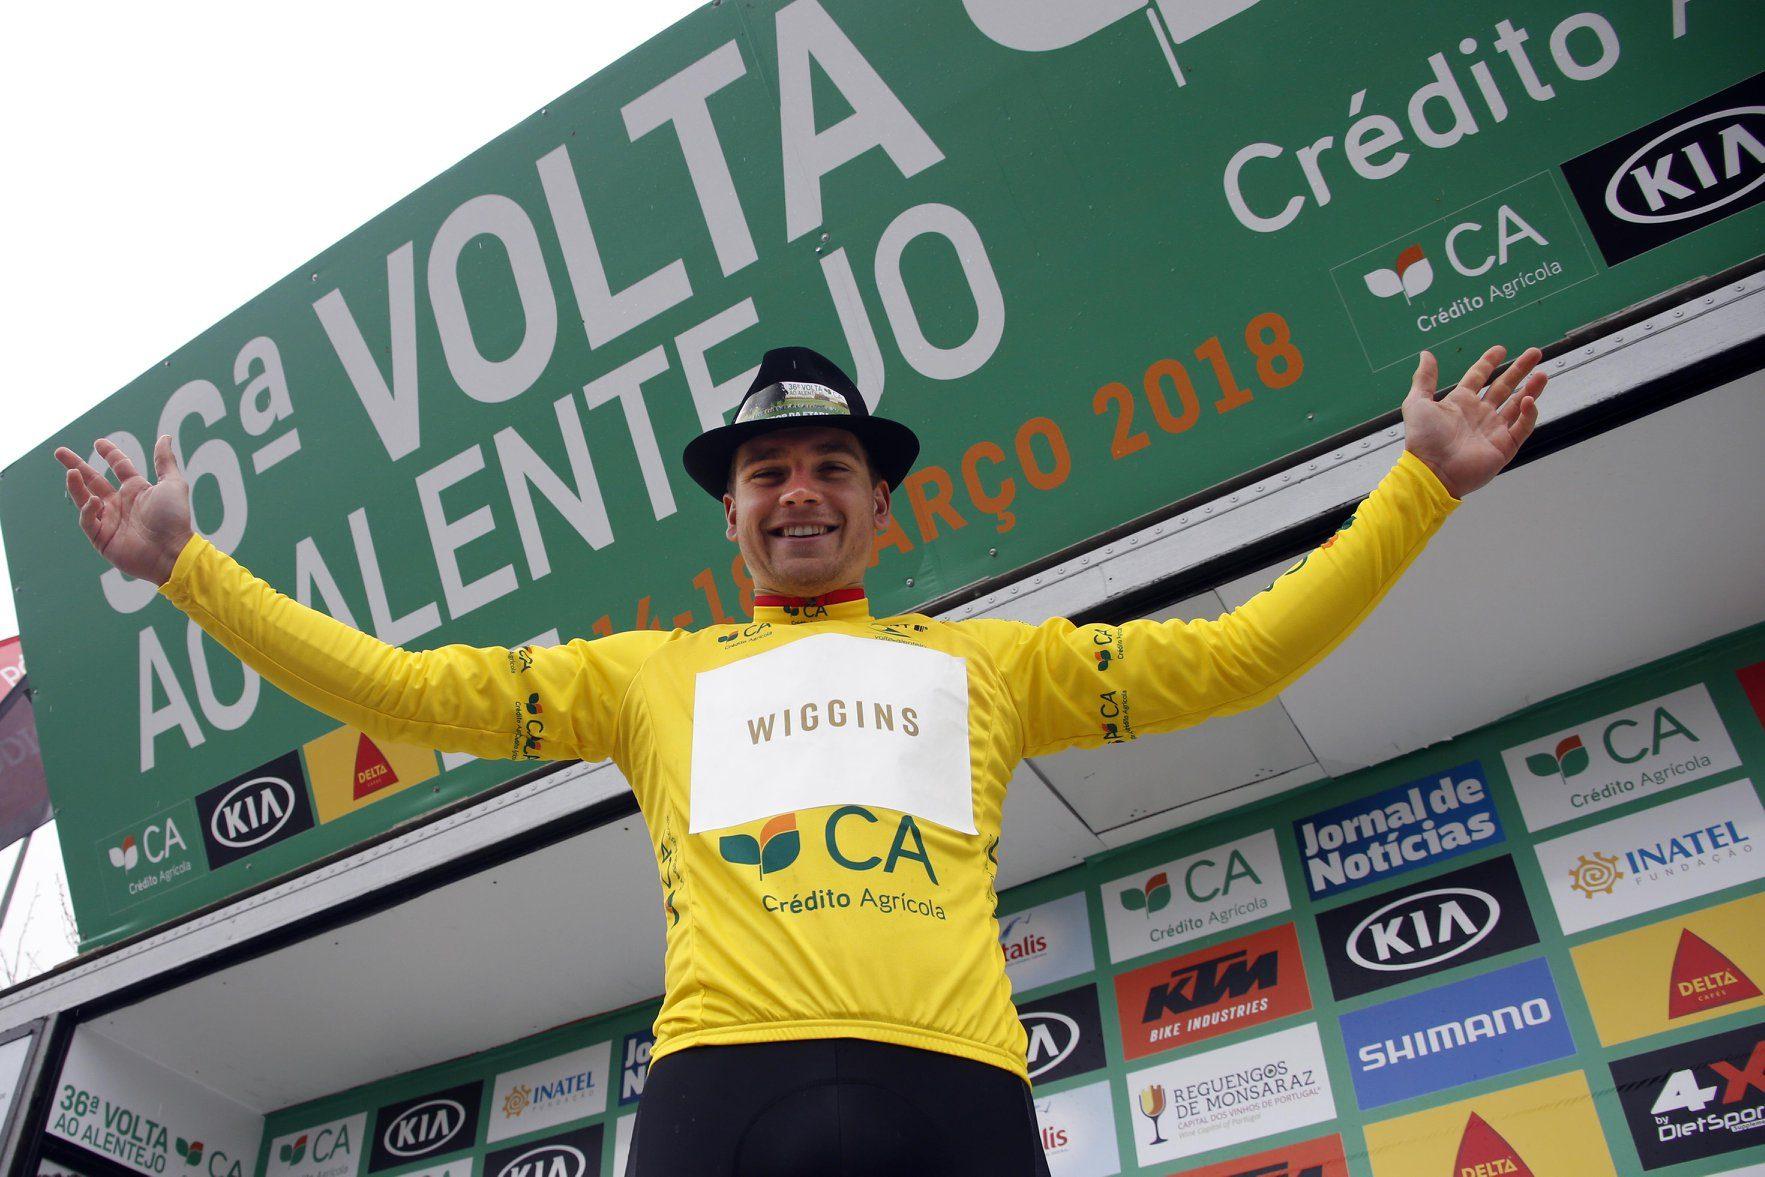 Габриэль Каллай выиграл первый этап велогонки «Вольта Алентехо»